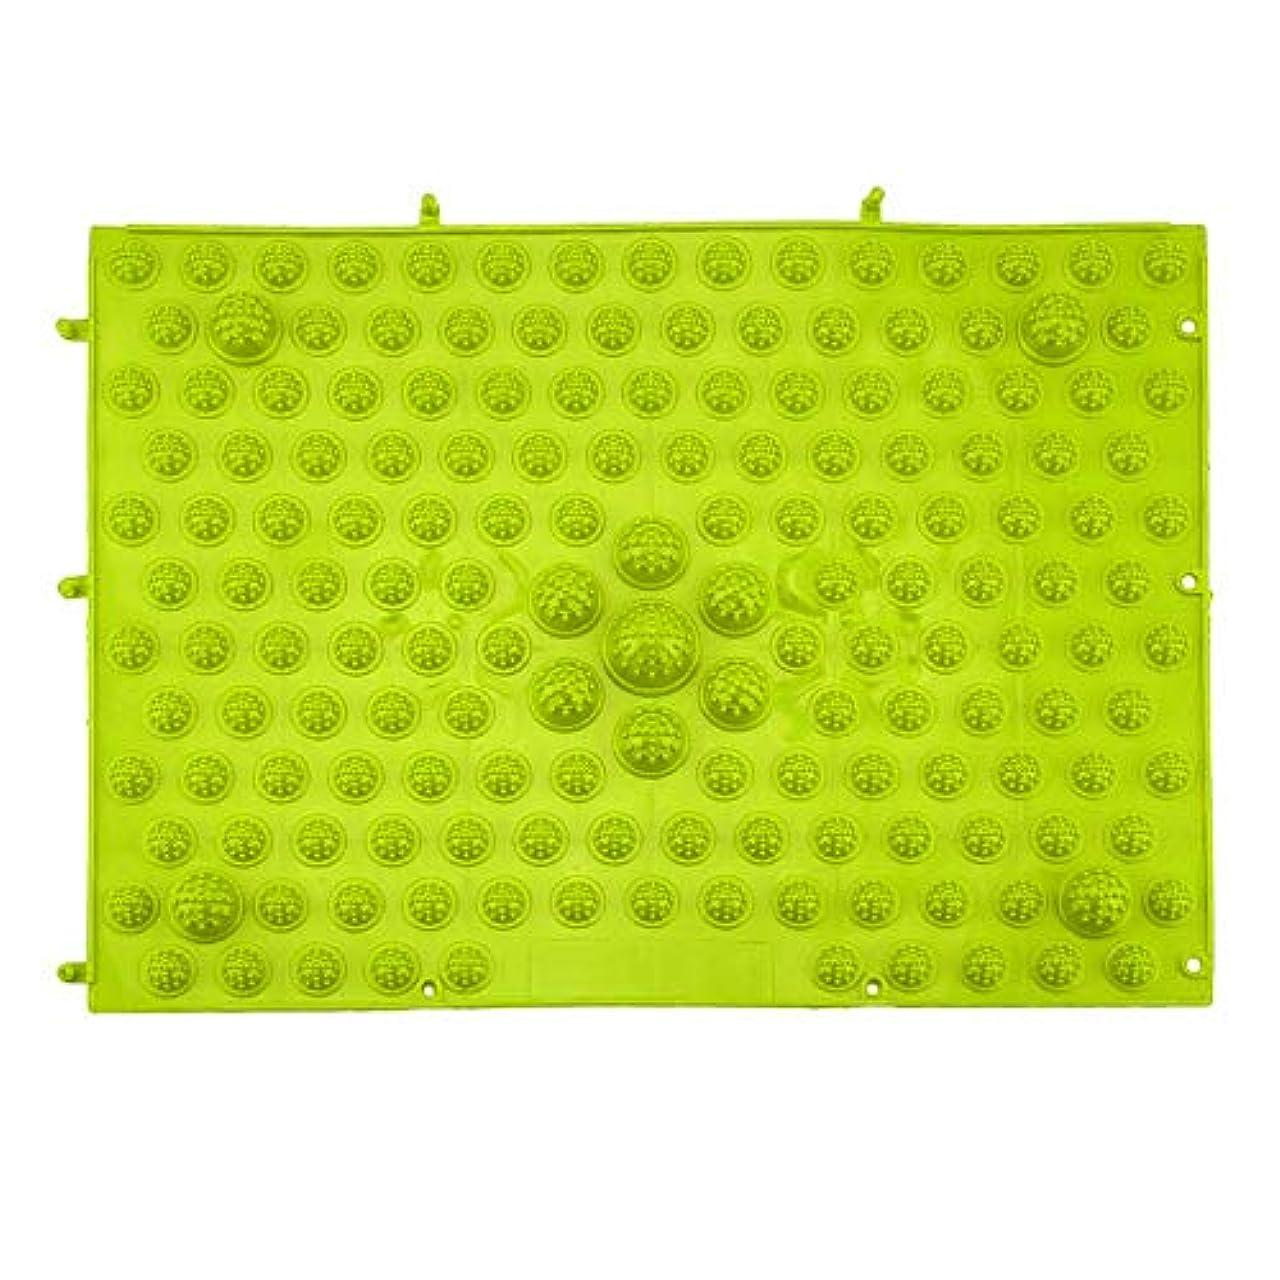 冷ややかなフレキシブル予報指圧フットマットランニングマンゲーム同型フットリフレクソロジーウォーキングマッサージマット用痛み緩和ストレス緩和37x27.5cm - グリーン